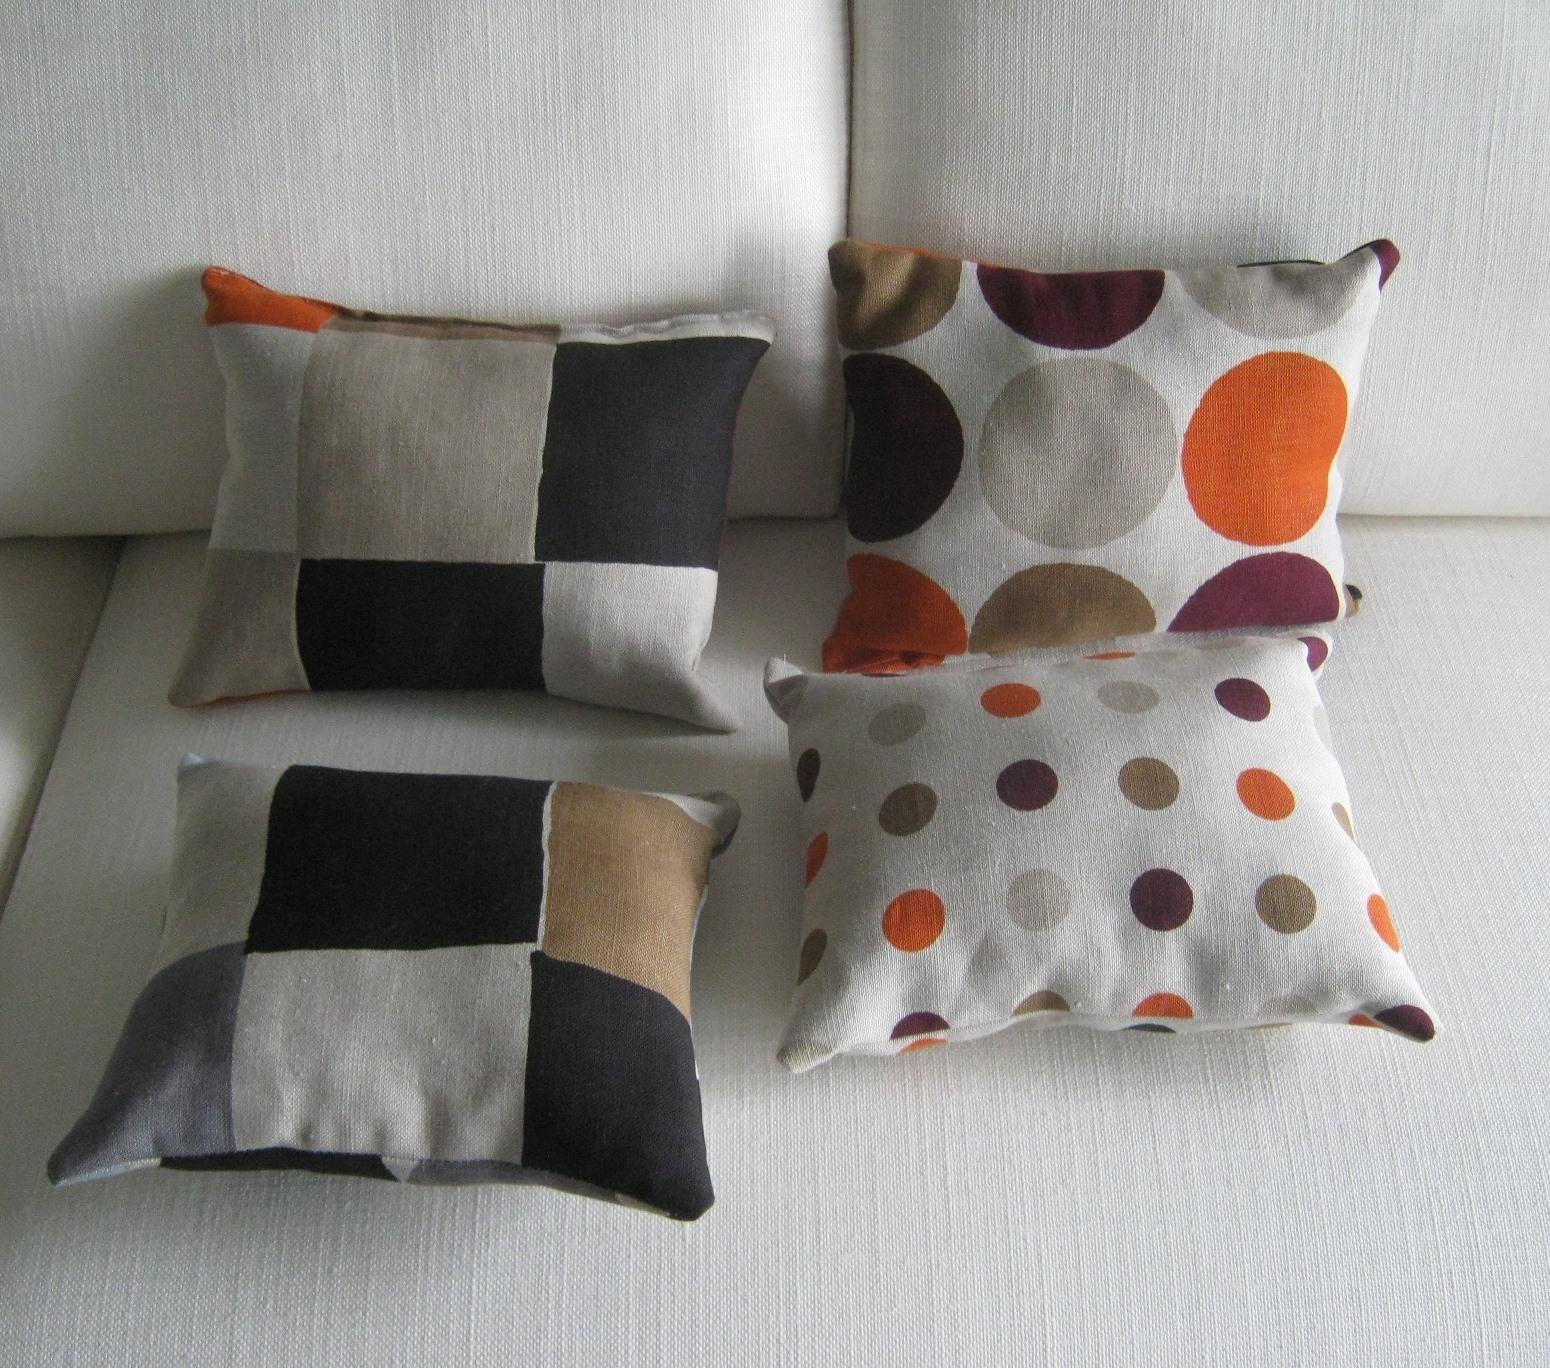 Divano b b cuscini per divano b b italia divani divani a for Cuscini moderni per divano